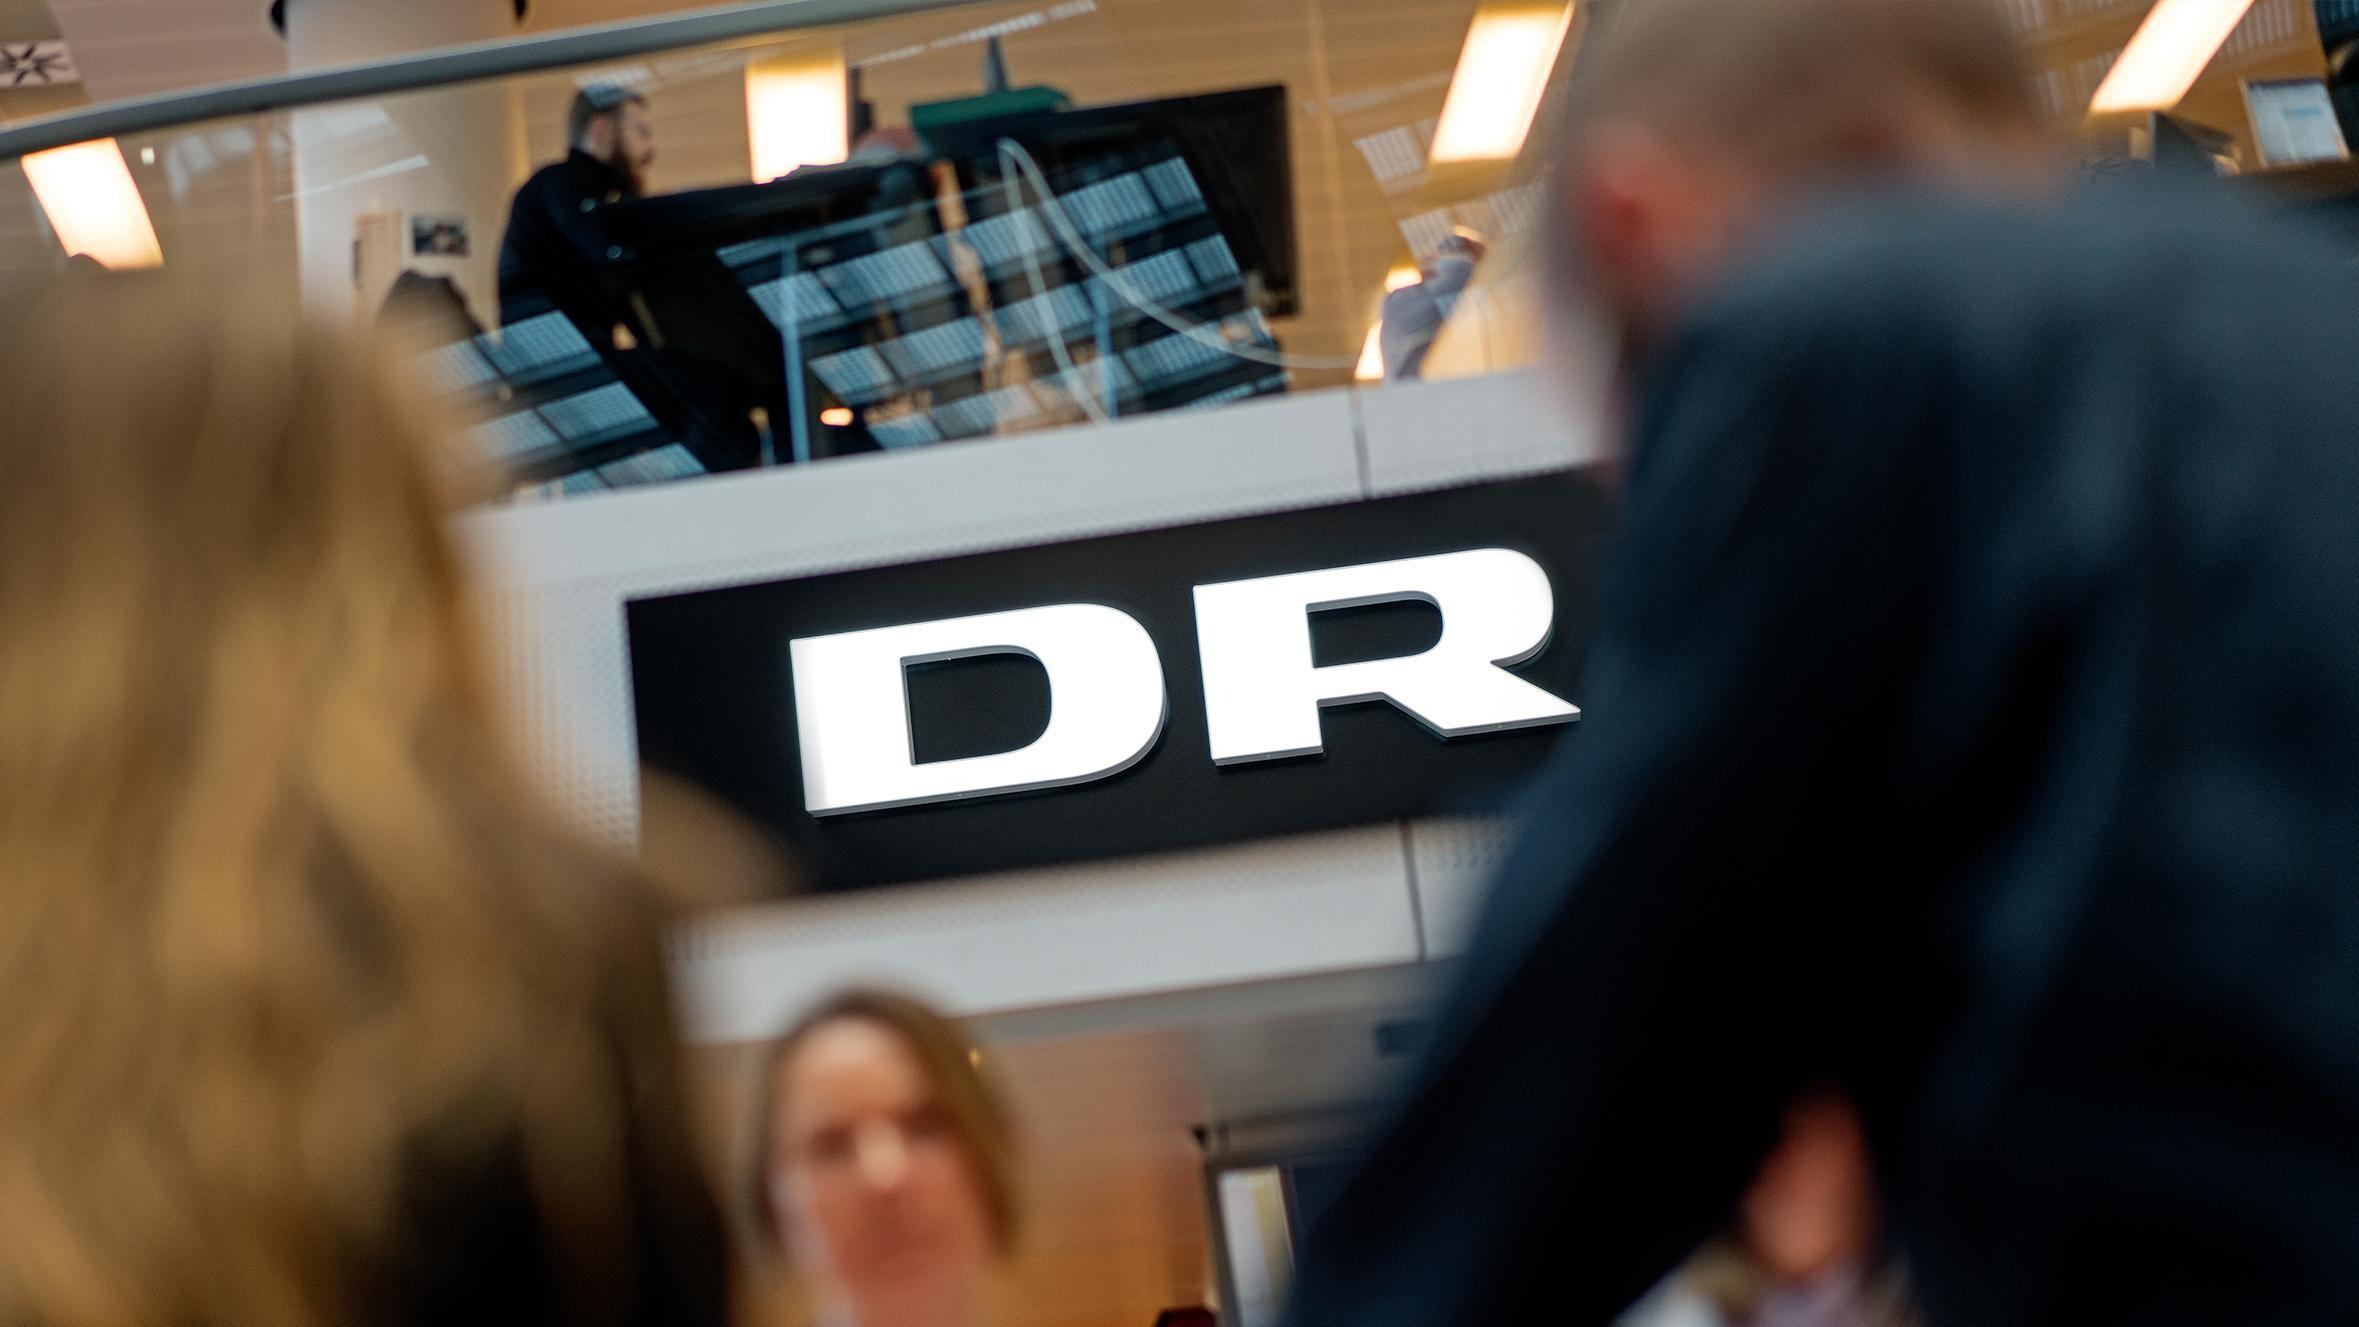 dr licens afmelding privat extrabladet dk nyheder